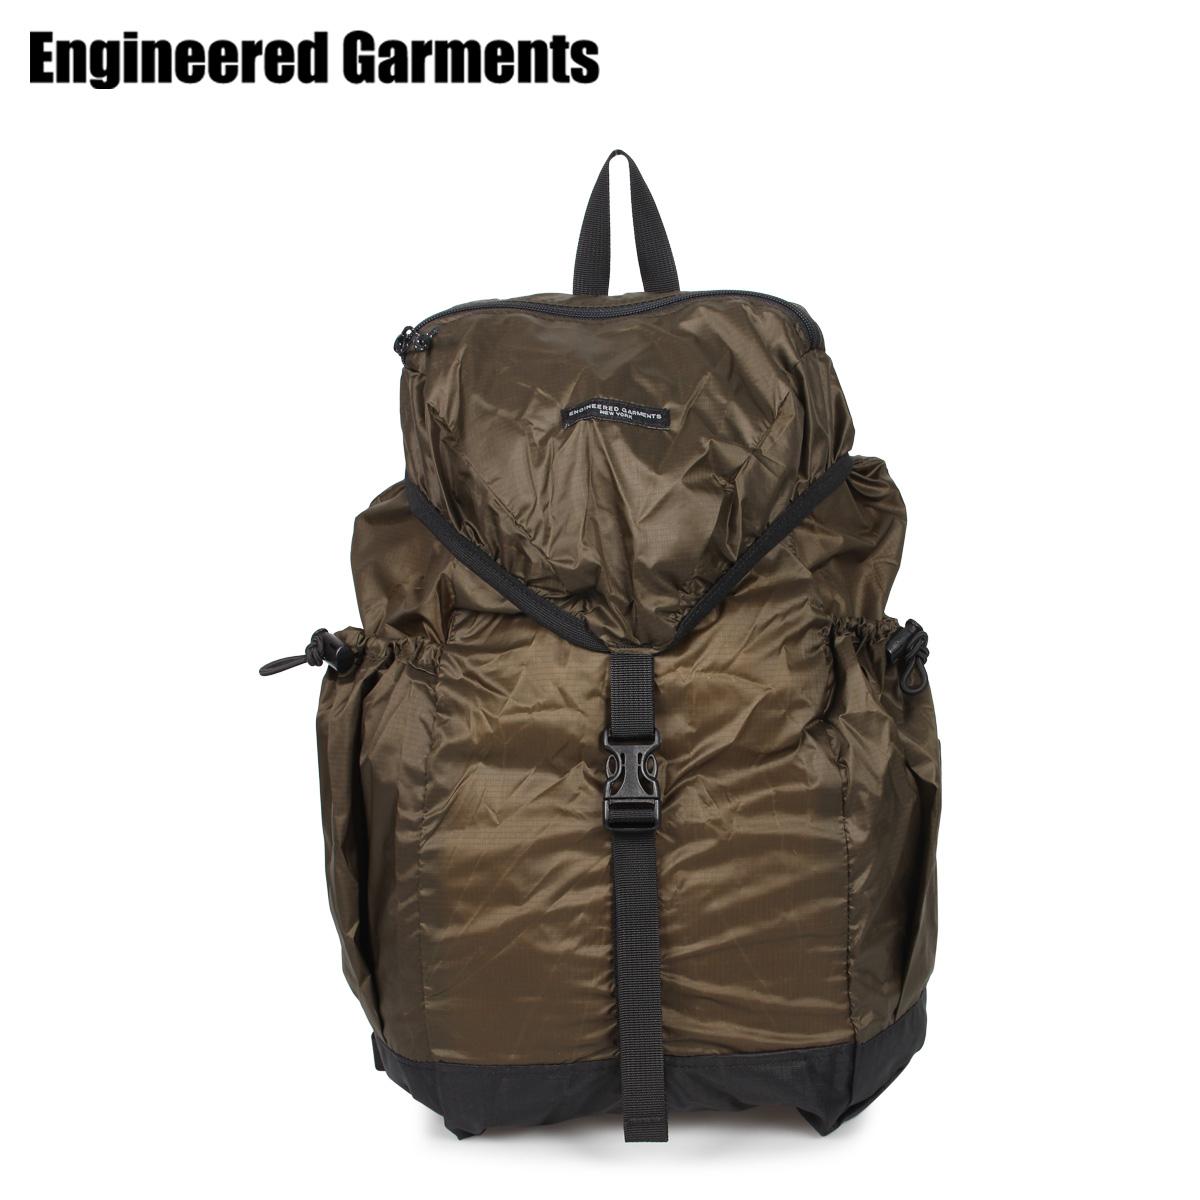 ENGINEERED GARMENTS エンジニアドガーメンツ リュック バッグ バックパック メンズ レディース UL BACKPACK カーキ 20S1H020 [3/27 新入荷]